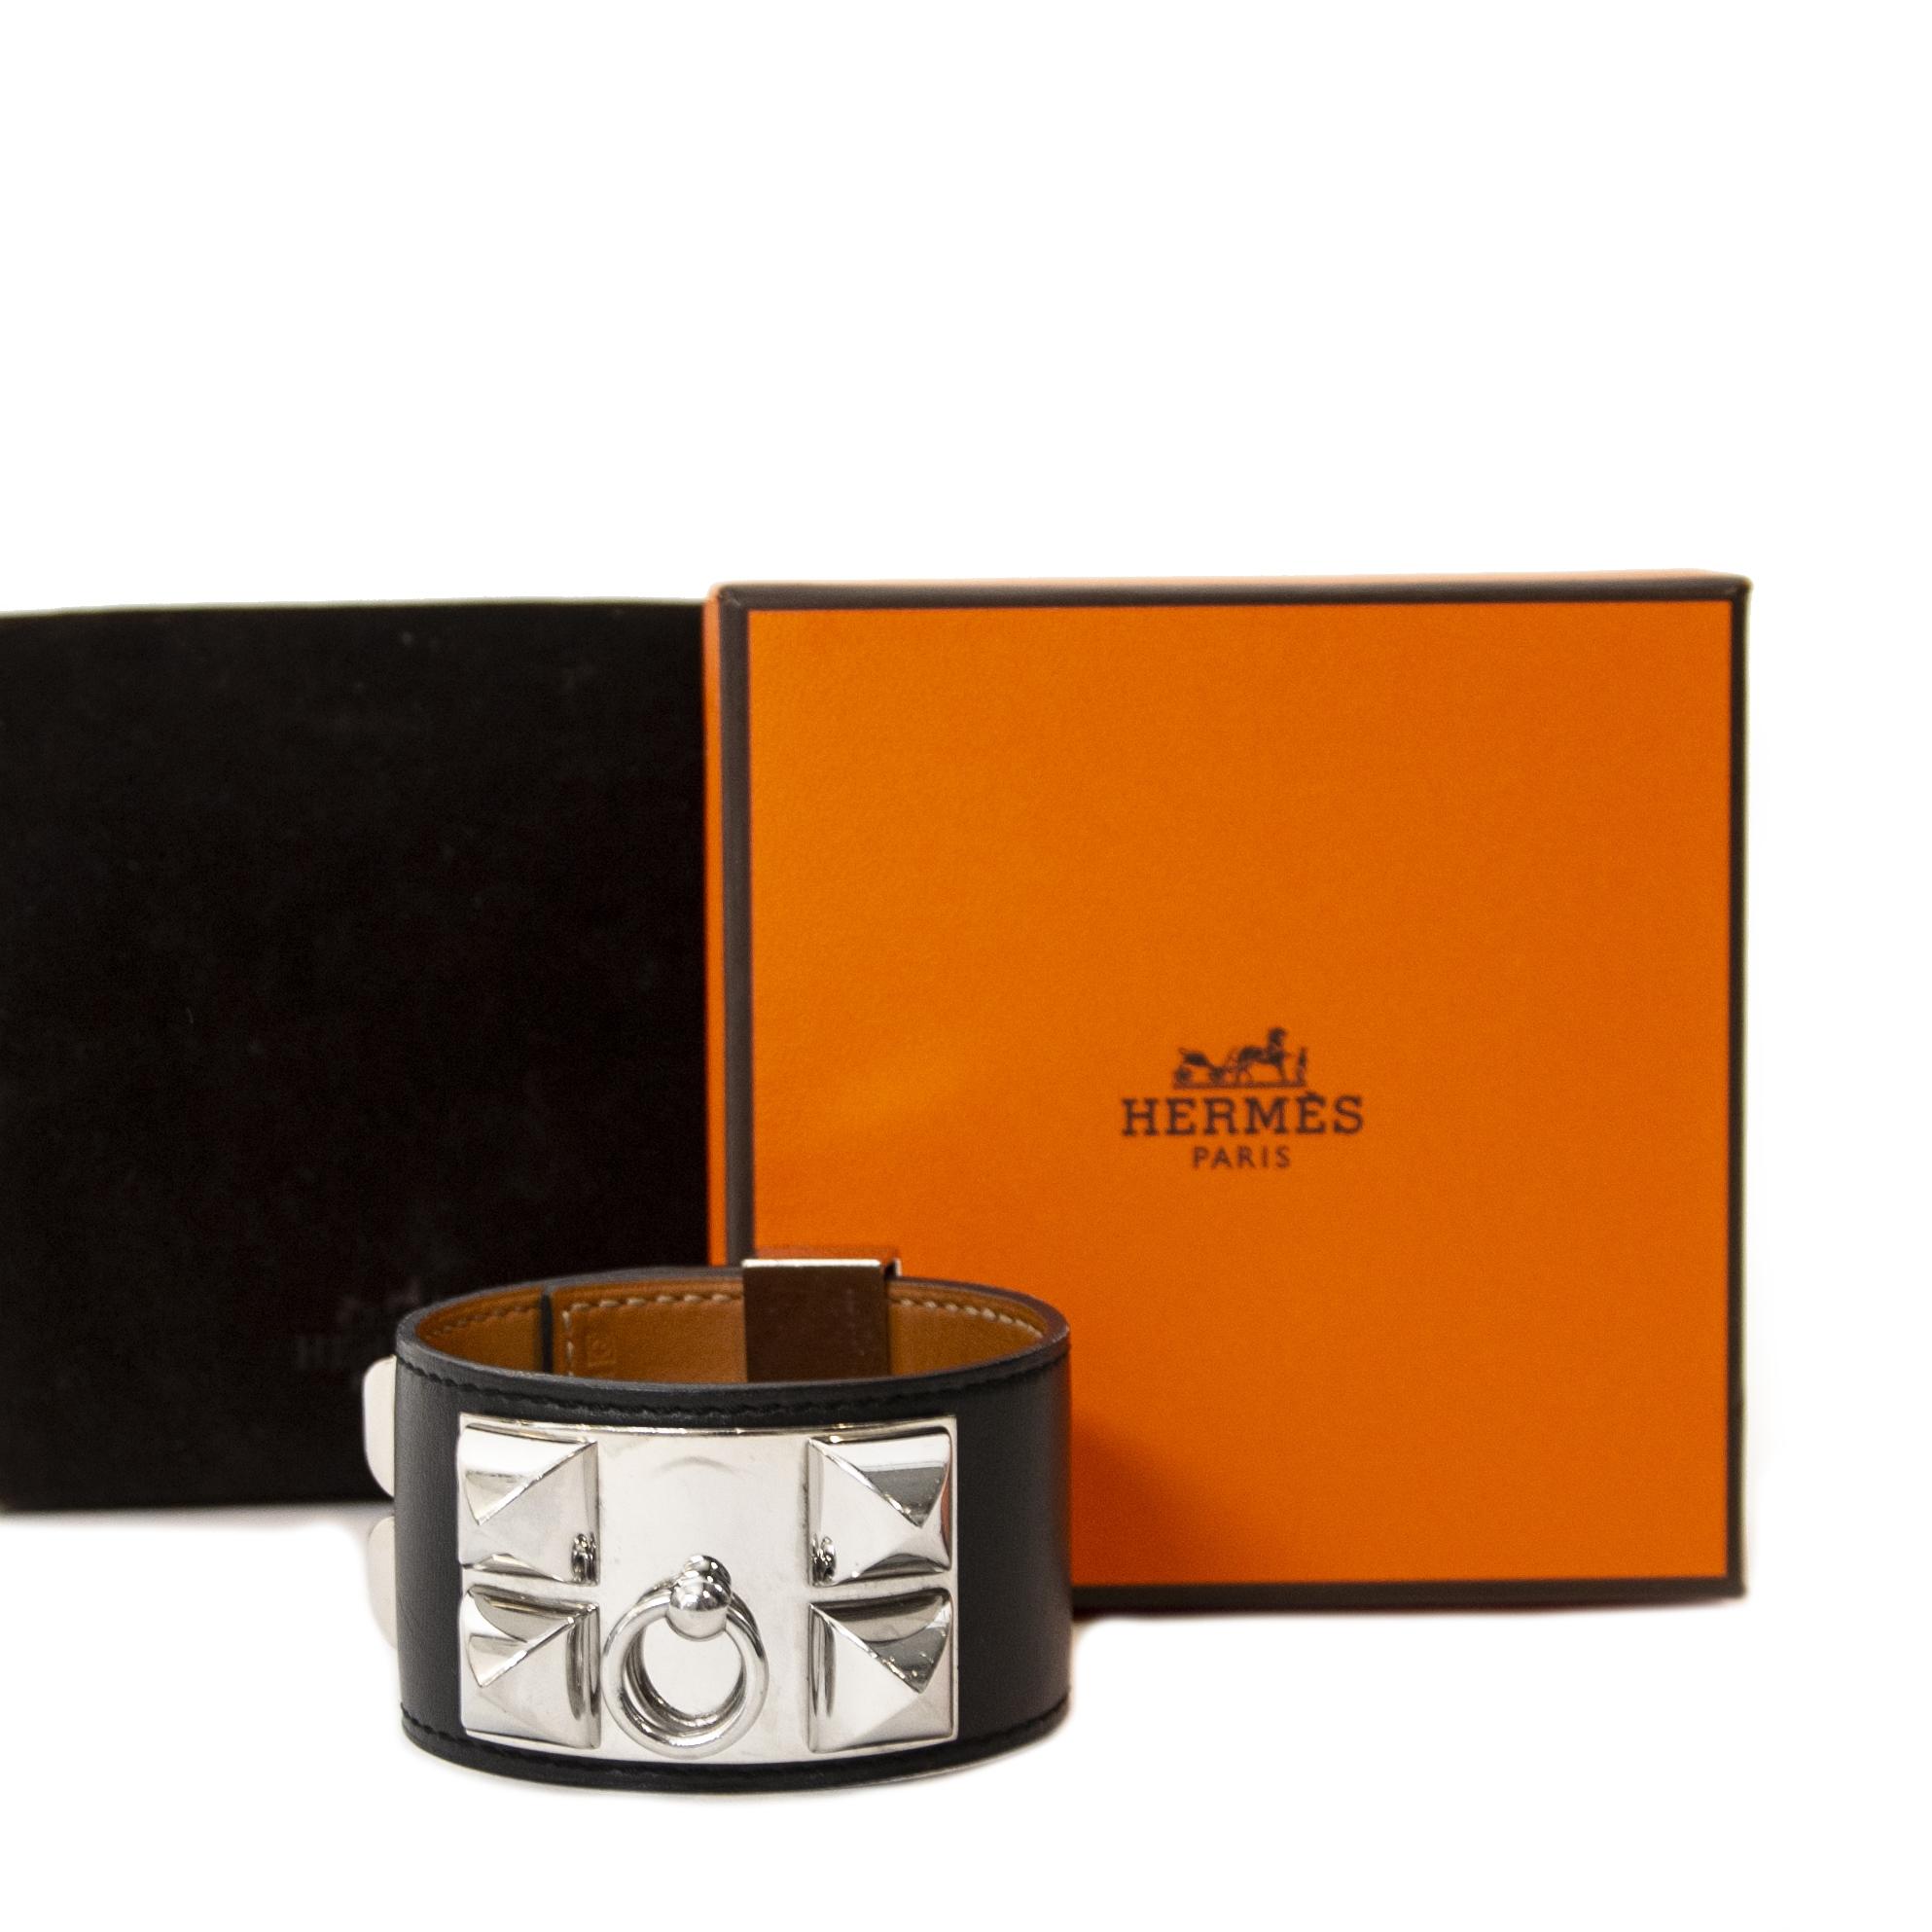 acheter en ligne chez labellov.com Hermès Collier de Chien Black PHW Small pour le meilleur prix